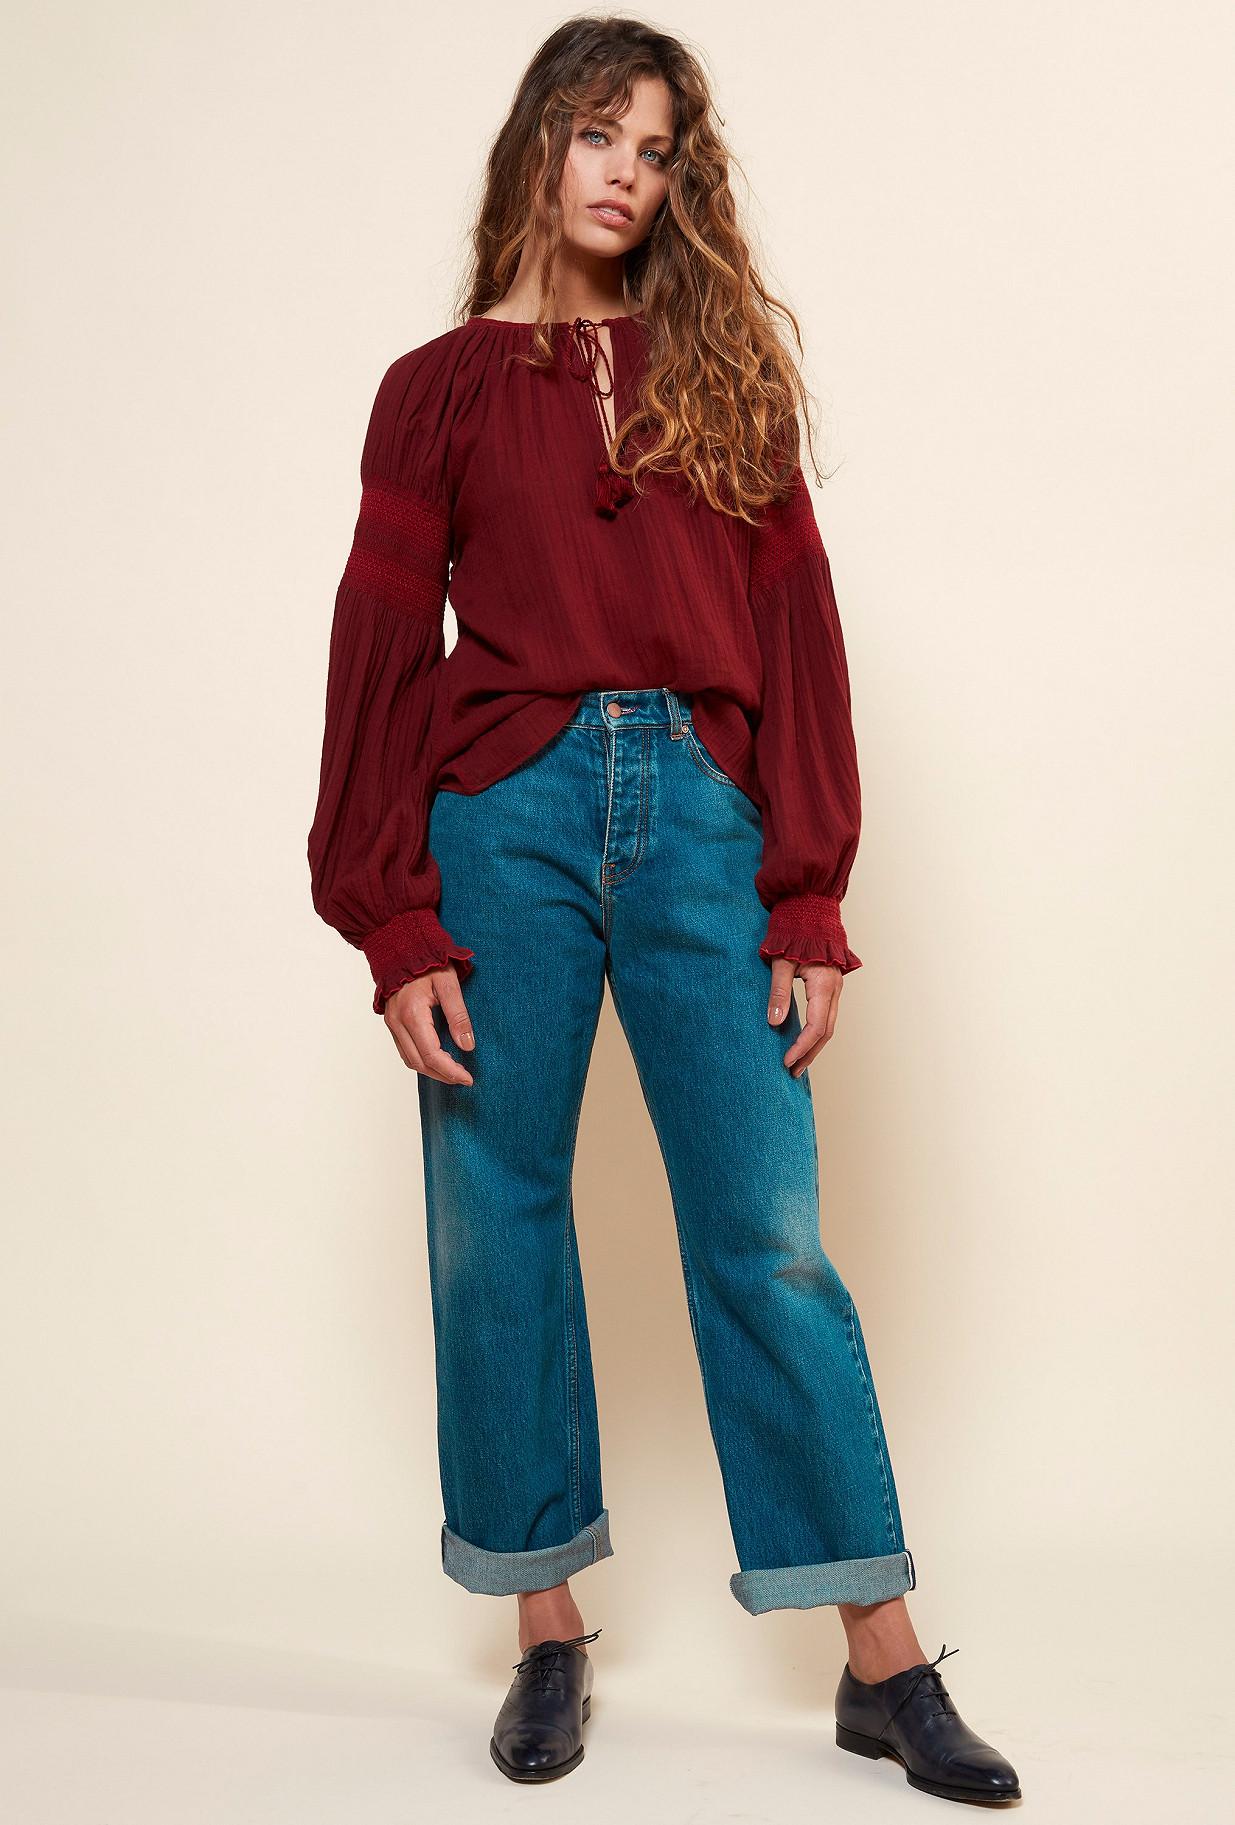 Paris boutique de mode vêtement Blouse créateur bohème  Tircis